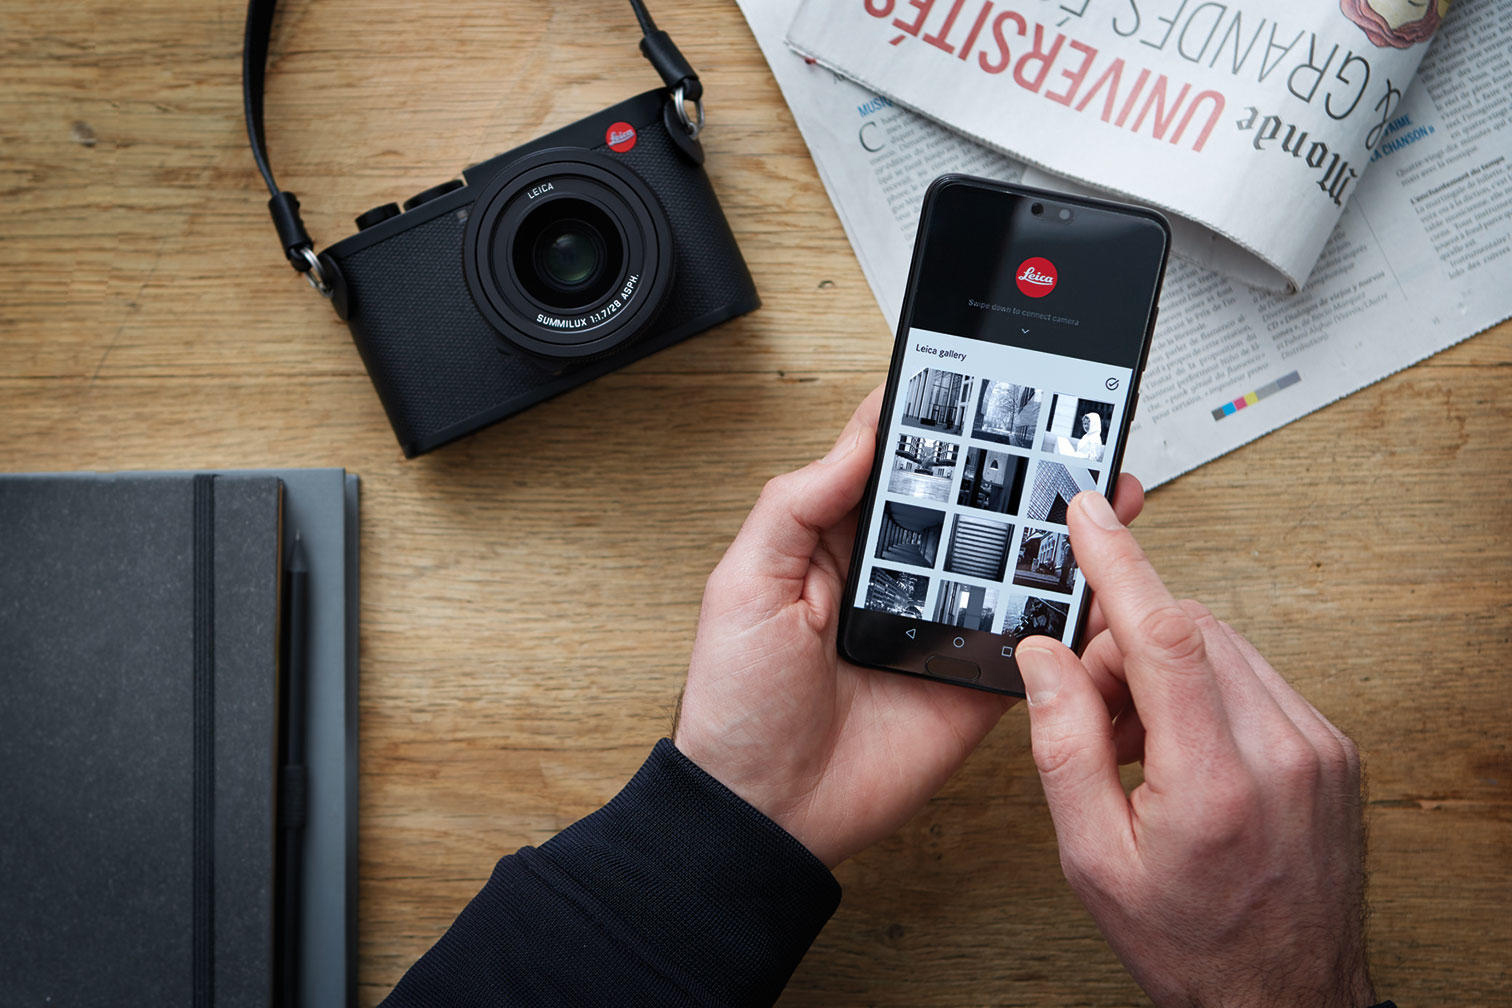 Det finns en app för delning av bilder och styrning av kameran.